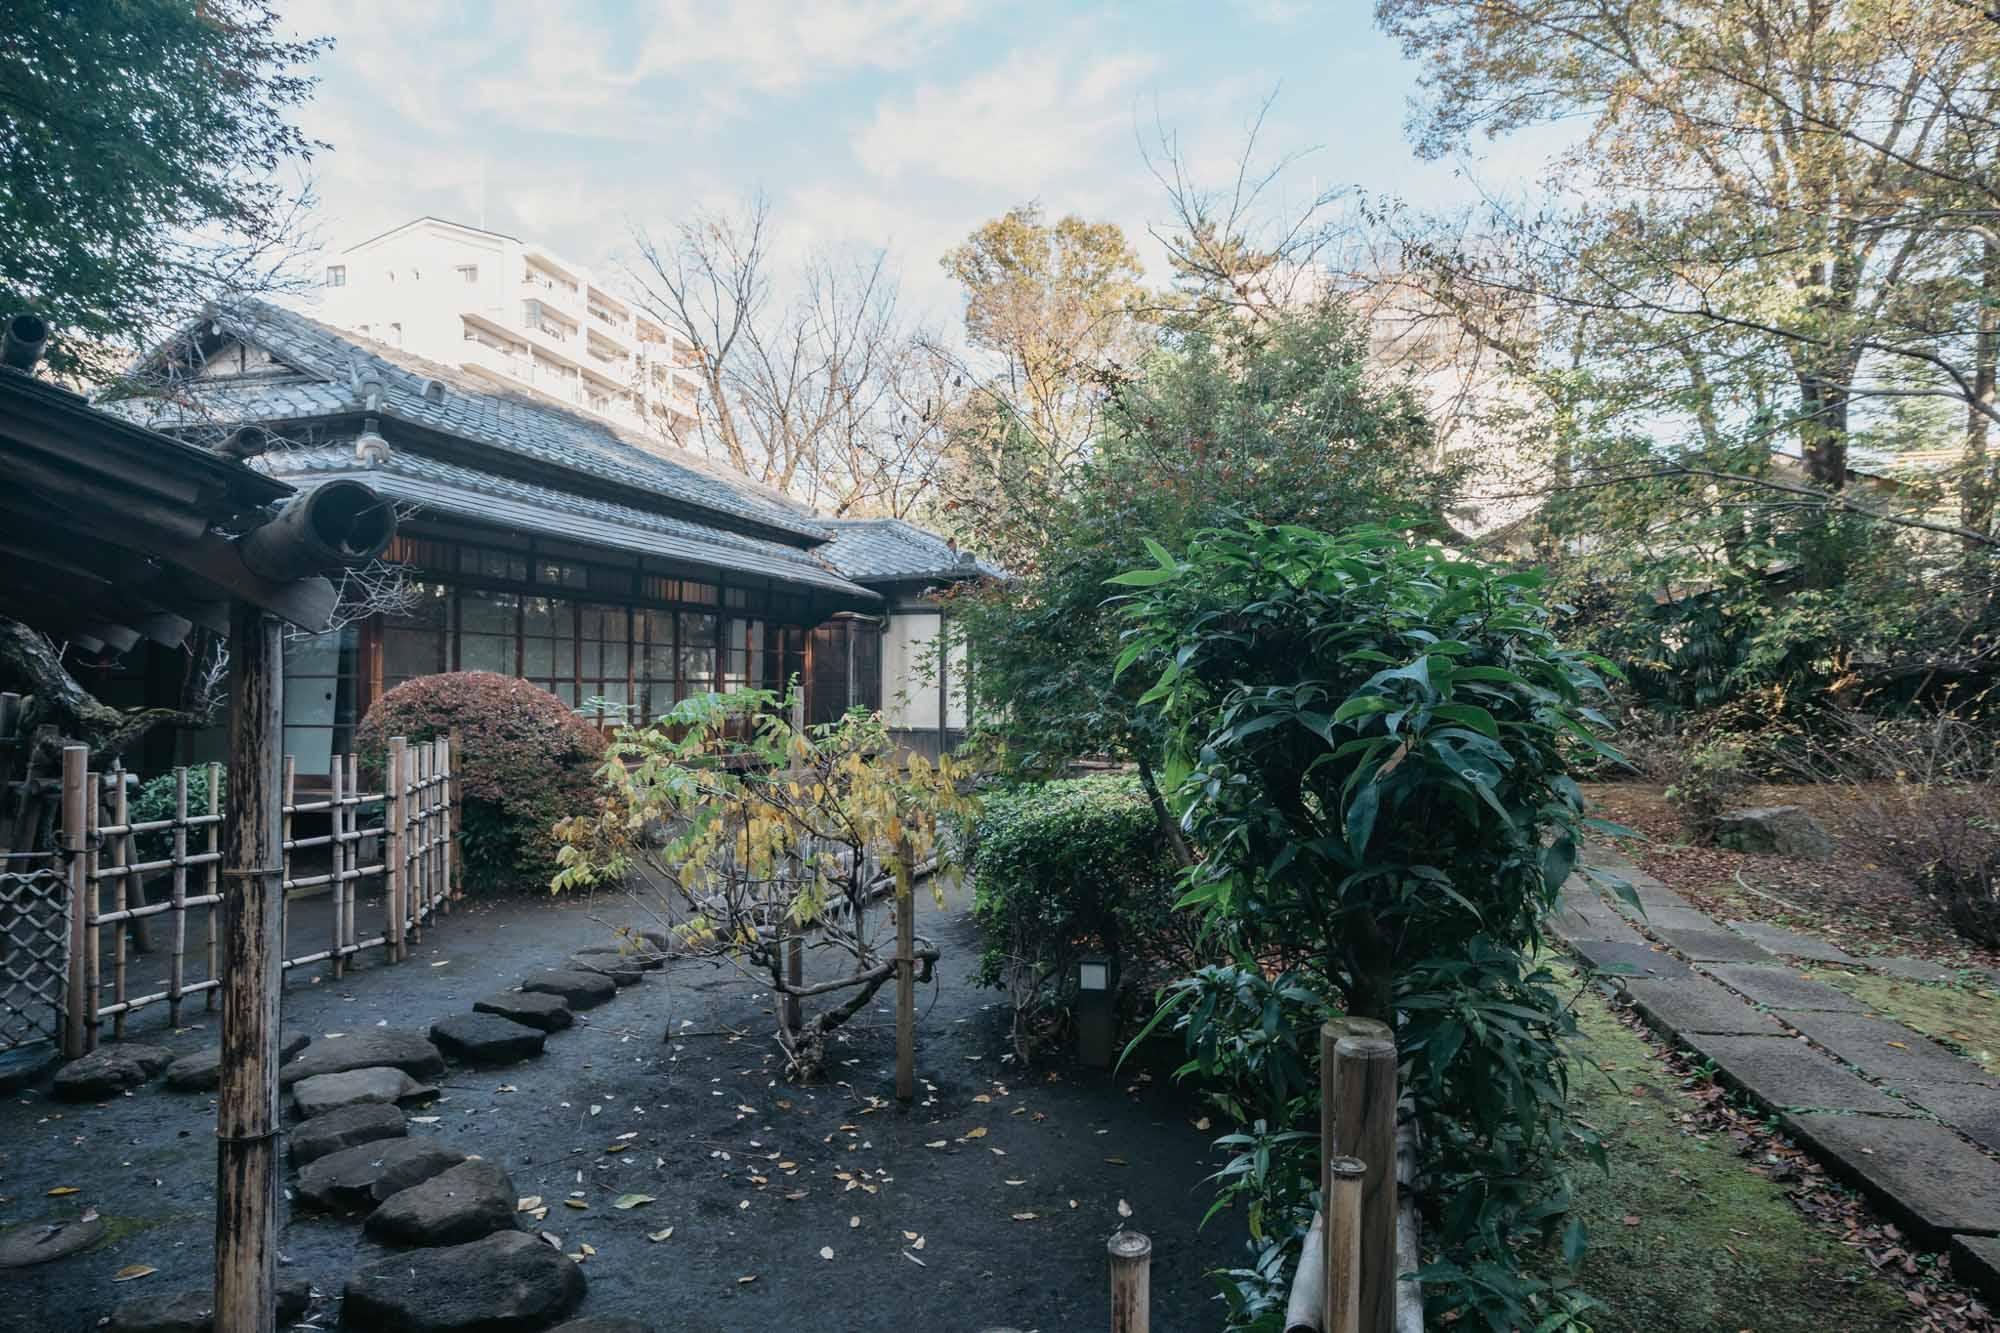 敷地に隣接し、和風の庭園とお茶室「松露庵」を備えた「私立古瀬公園」もありました。